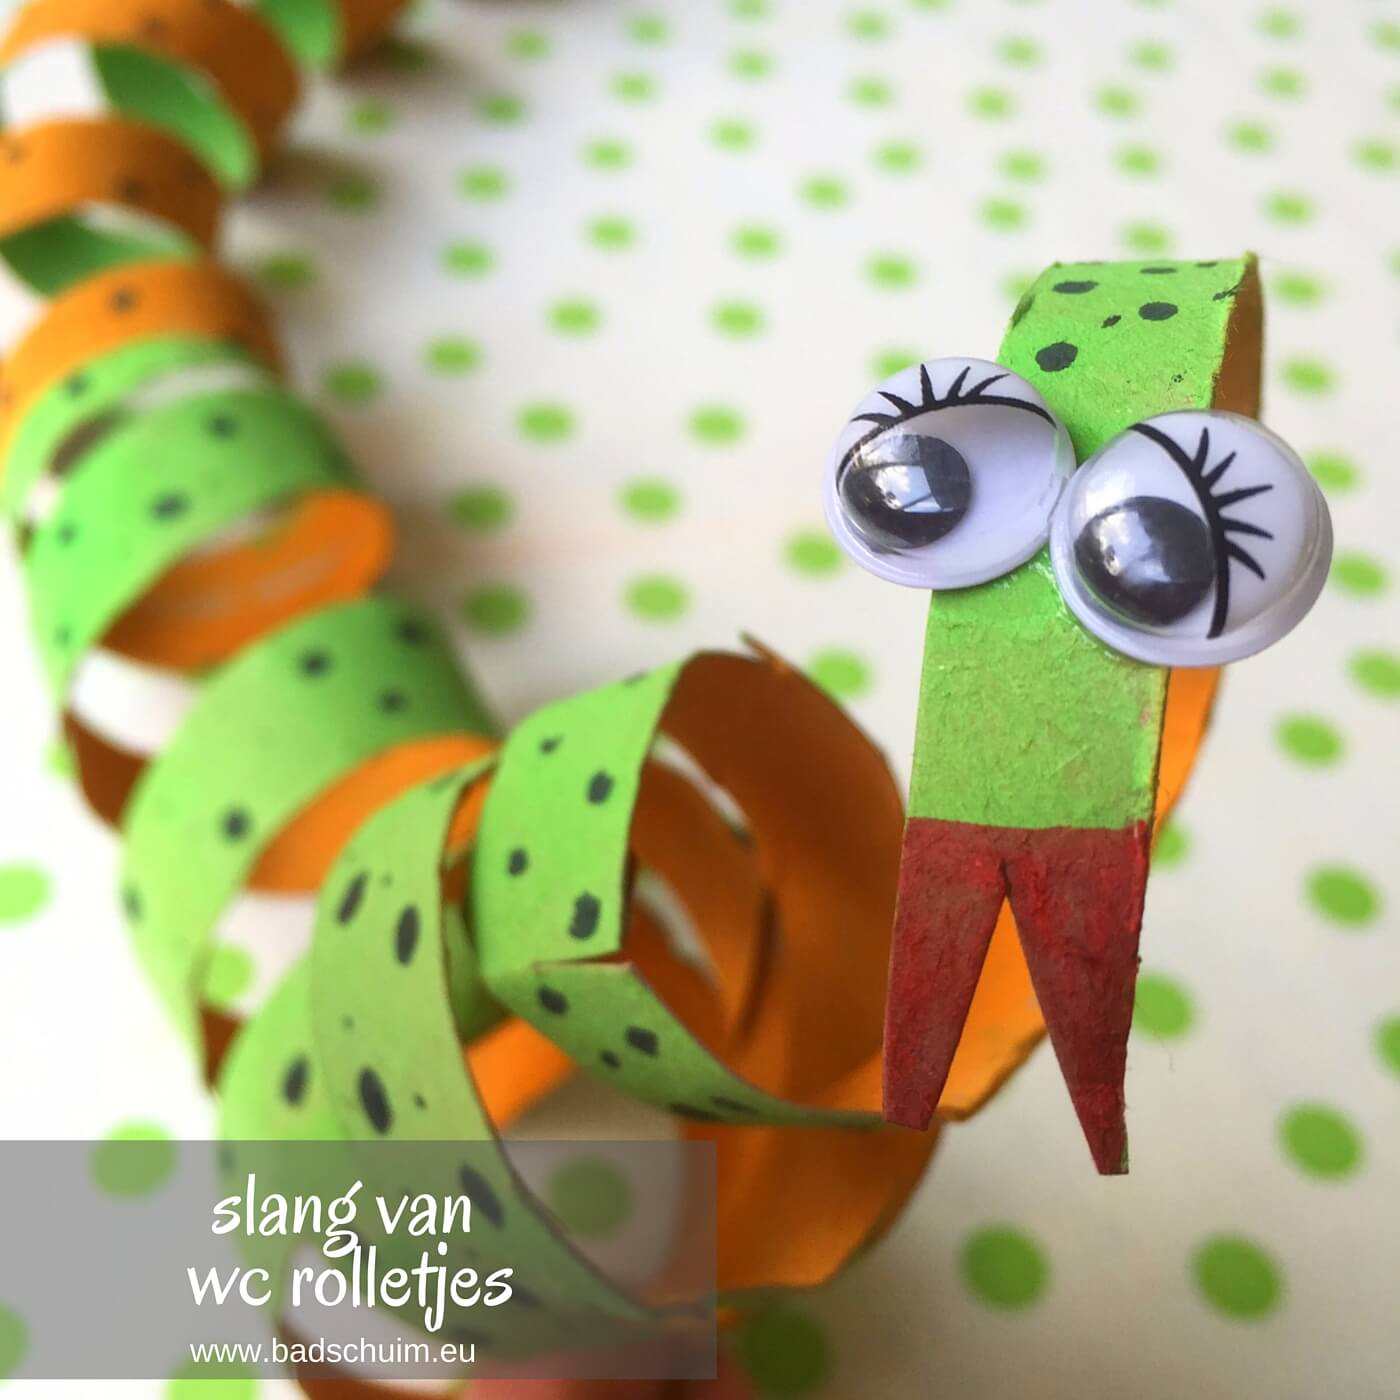 Maak je eigen dierentuin van wc rolletjes. Dit is deel 2: een slang van een wc rolletje. Makkelijk te maken met dit foto diy stappenplan!